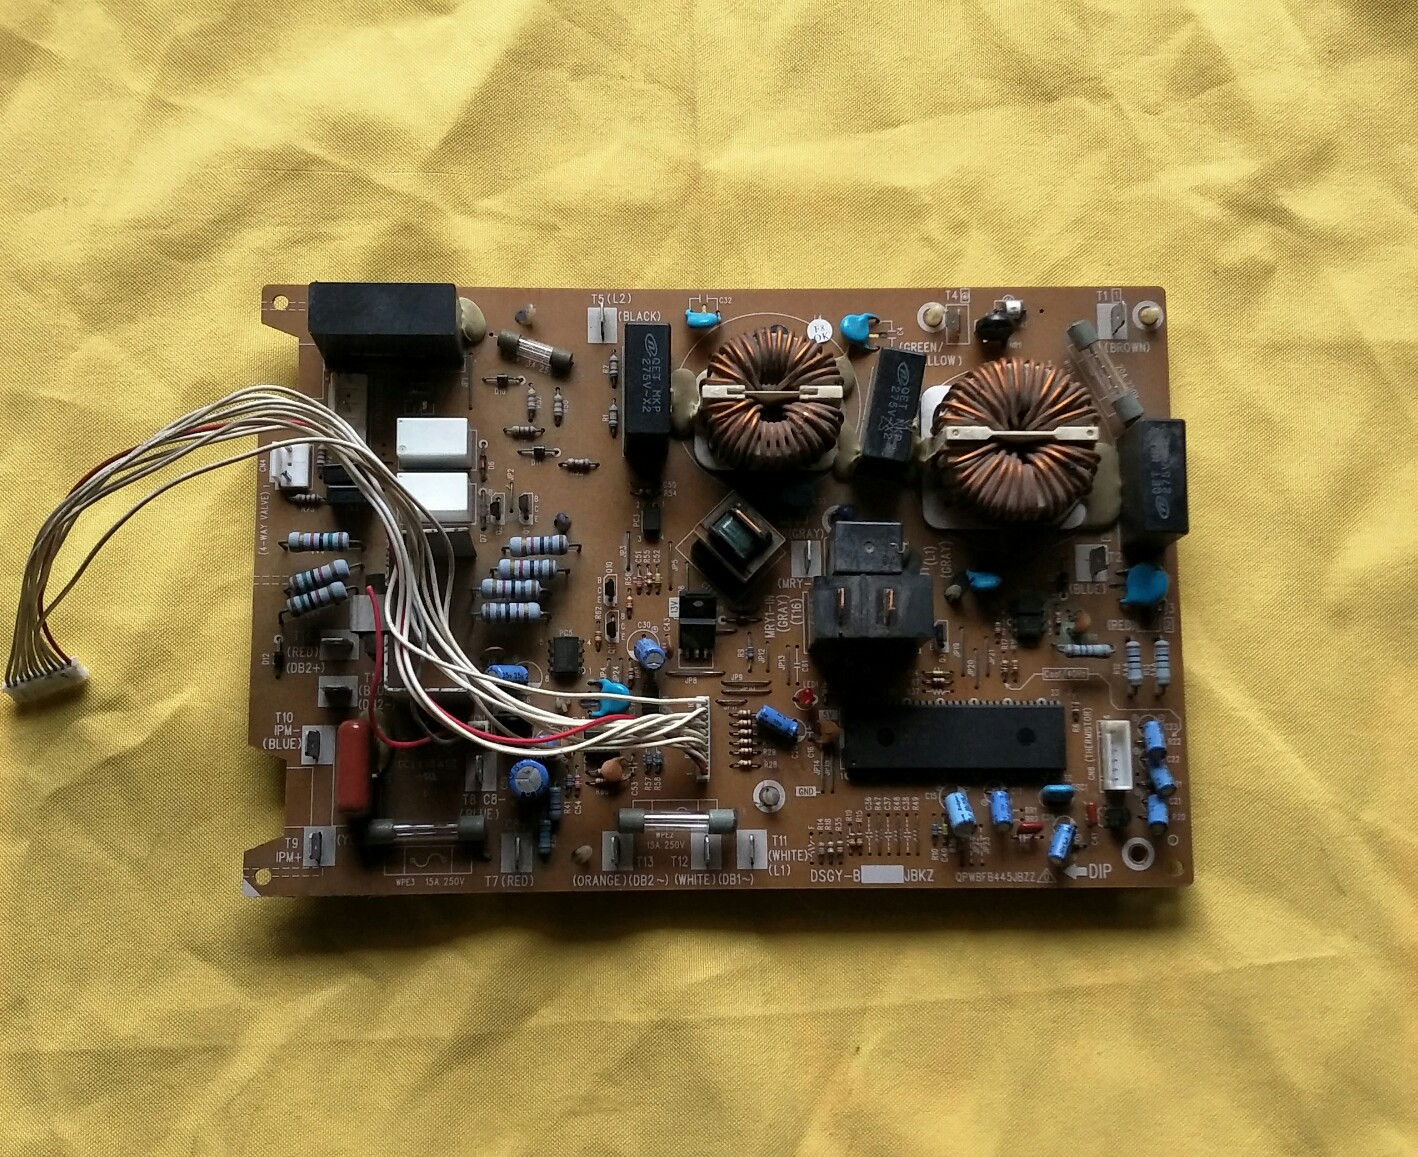 西门子冰箱温控器_电脑主机_二手电脑_台式电脑_ 286电脑 - 下午,发现喜欢